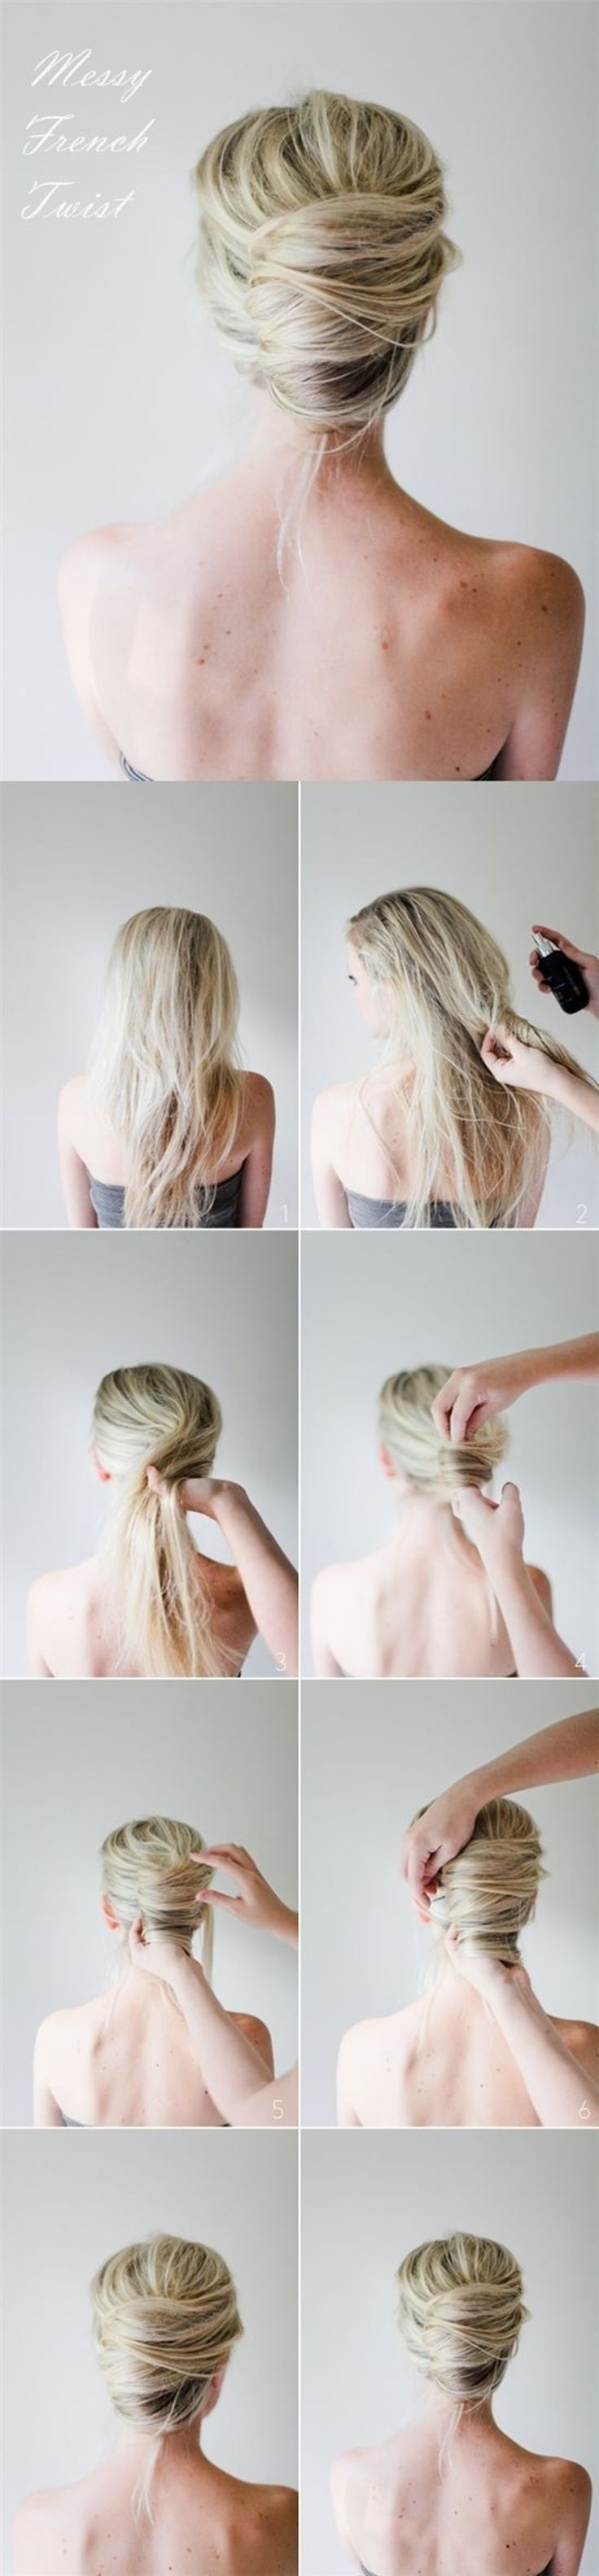 7. #malpropre Twist #Français - 16 magnifiques #Styles de cheveux pour #filles paresseux #comme moi... → Hair